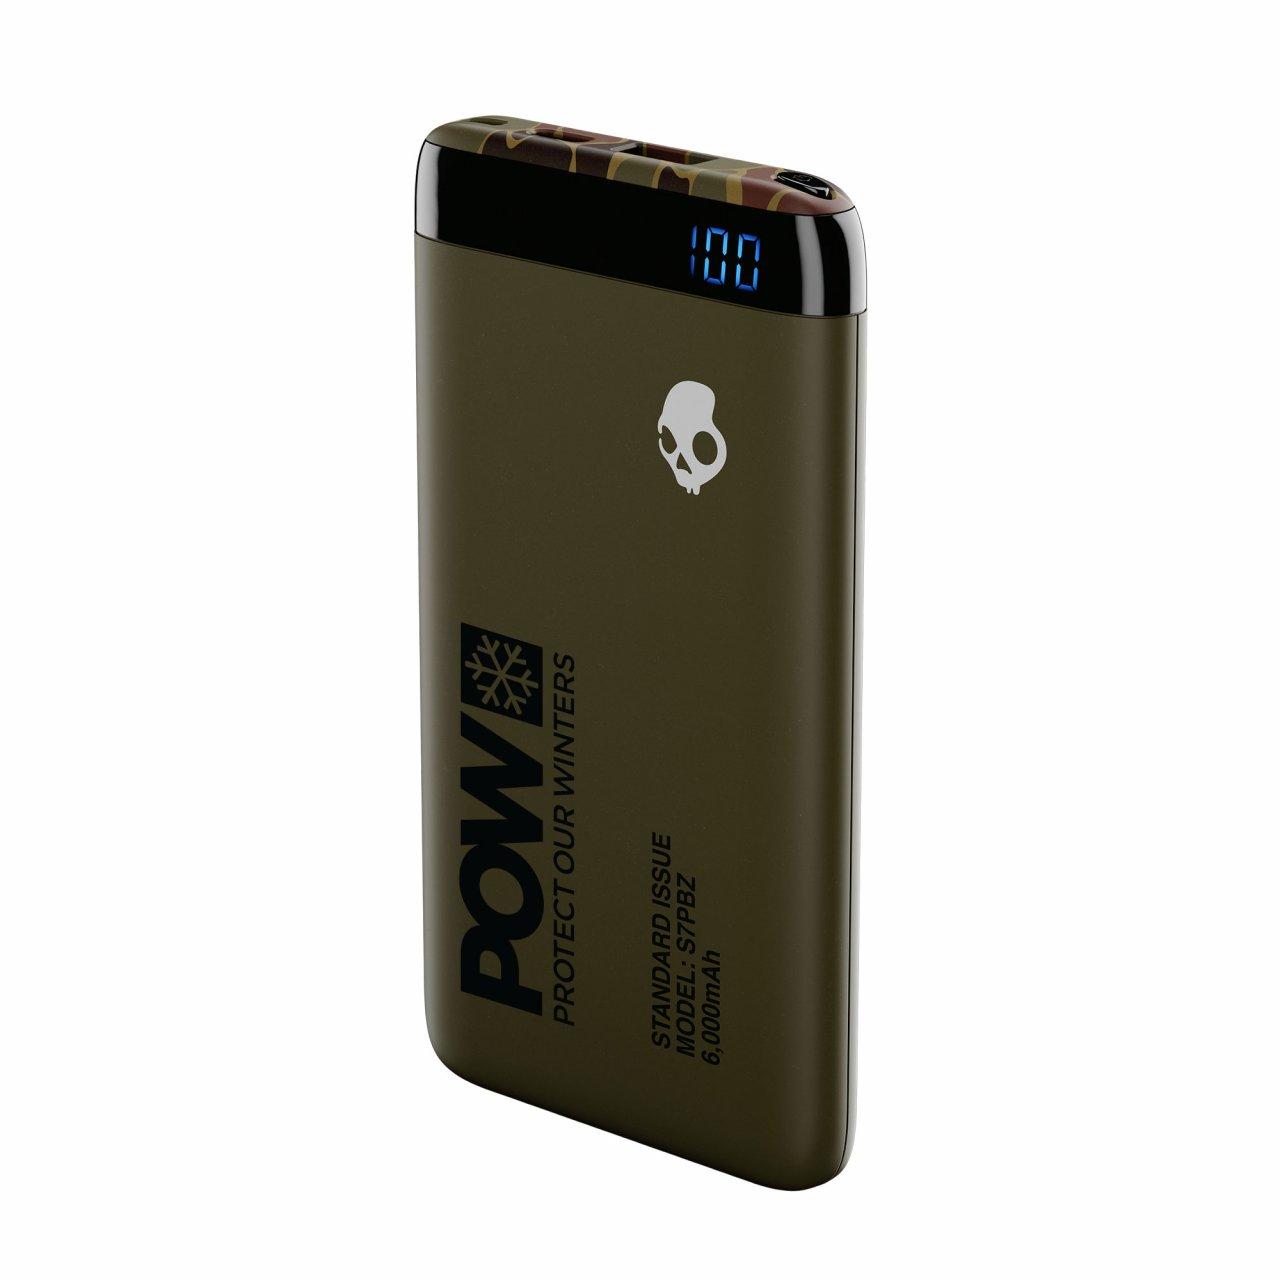 Stash Portable Power Bank